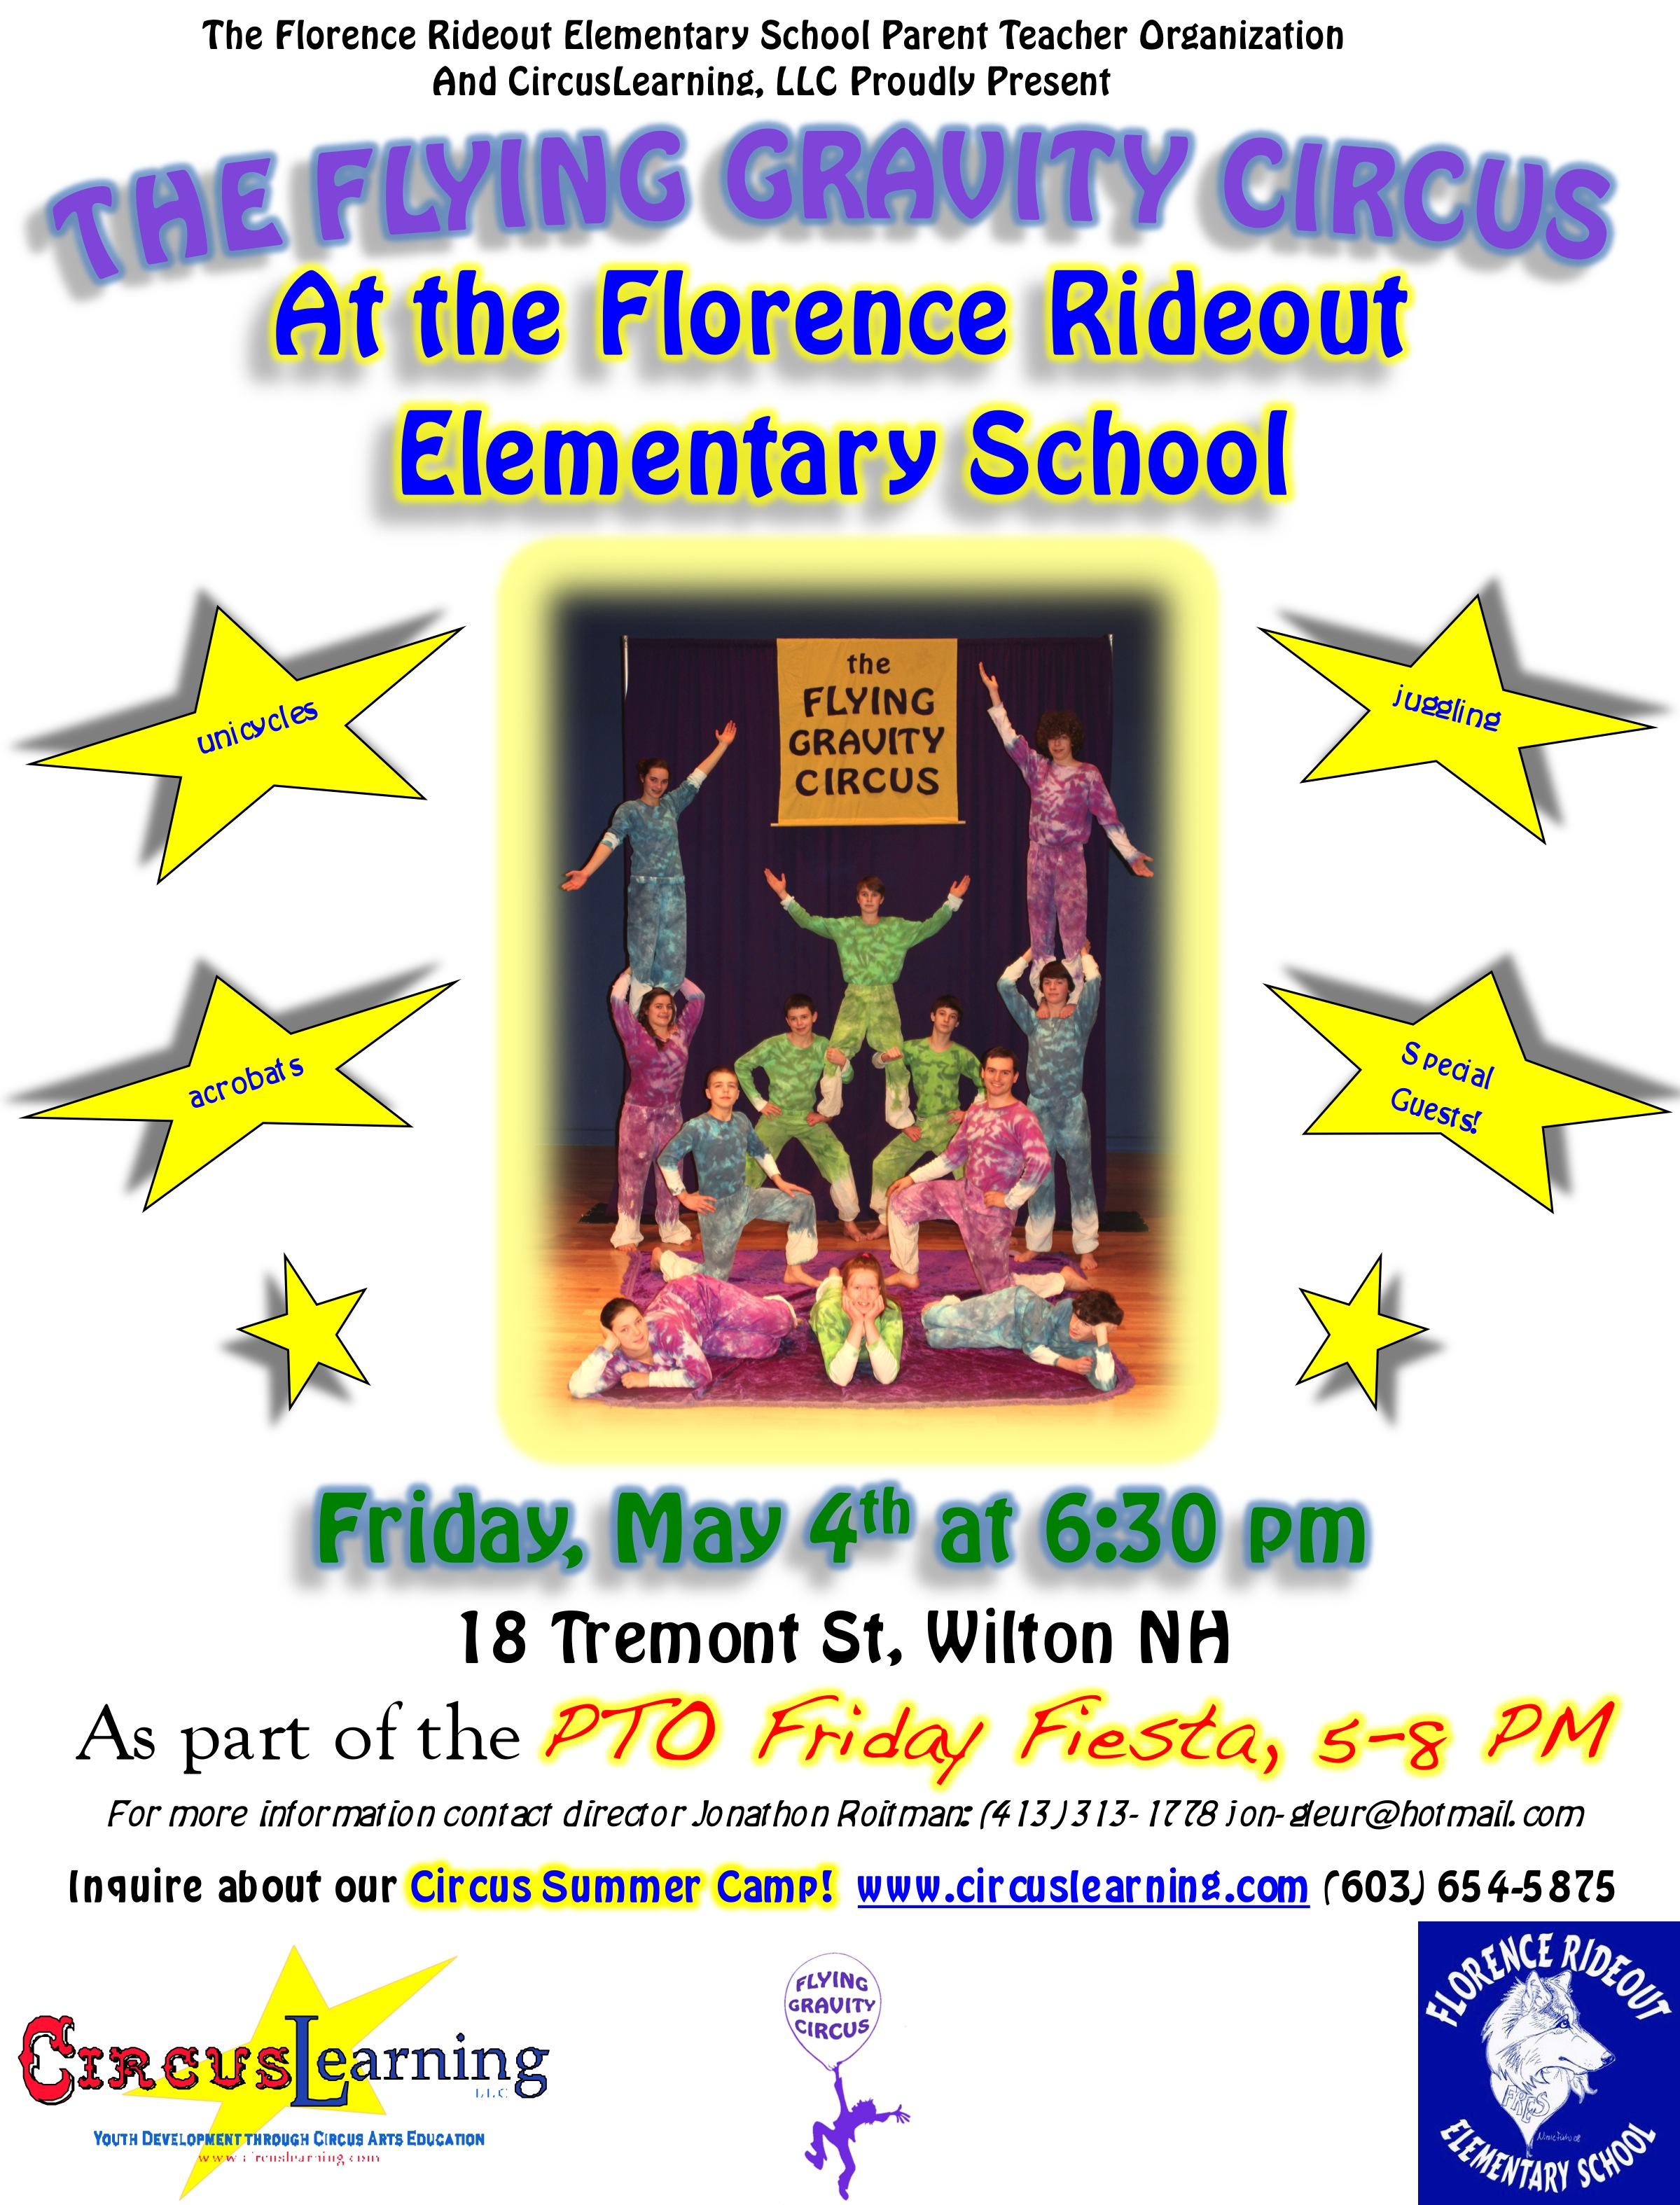 FGC Poster May 4, 2012.jpg